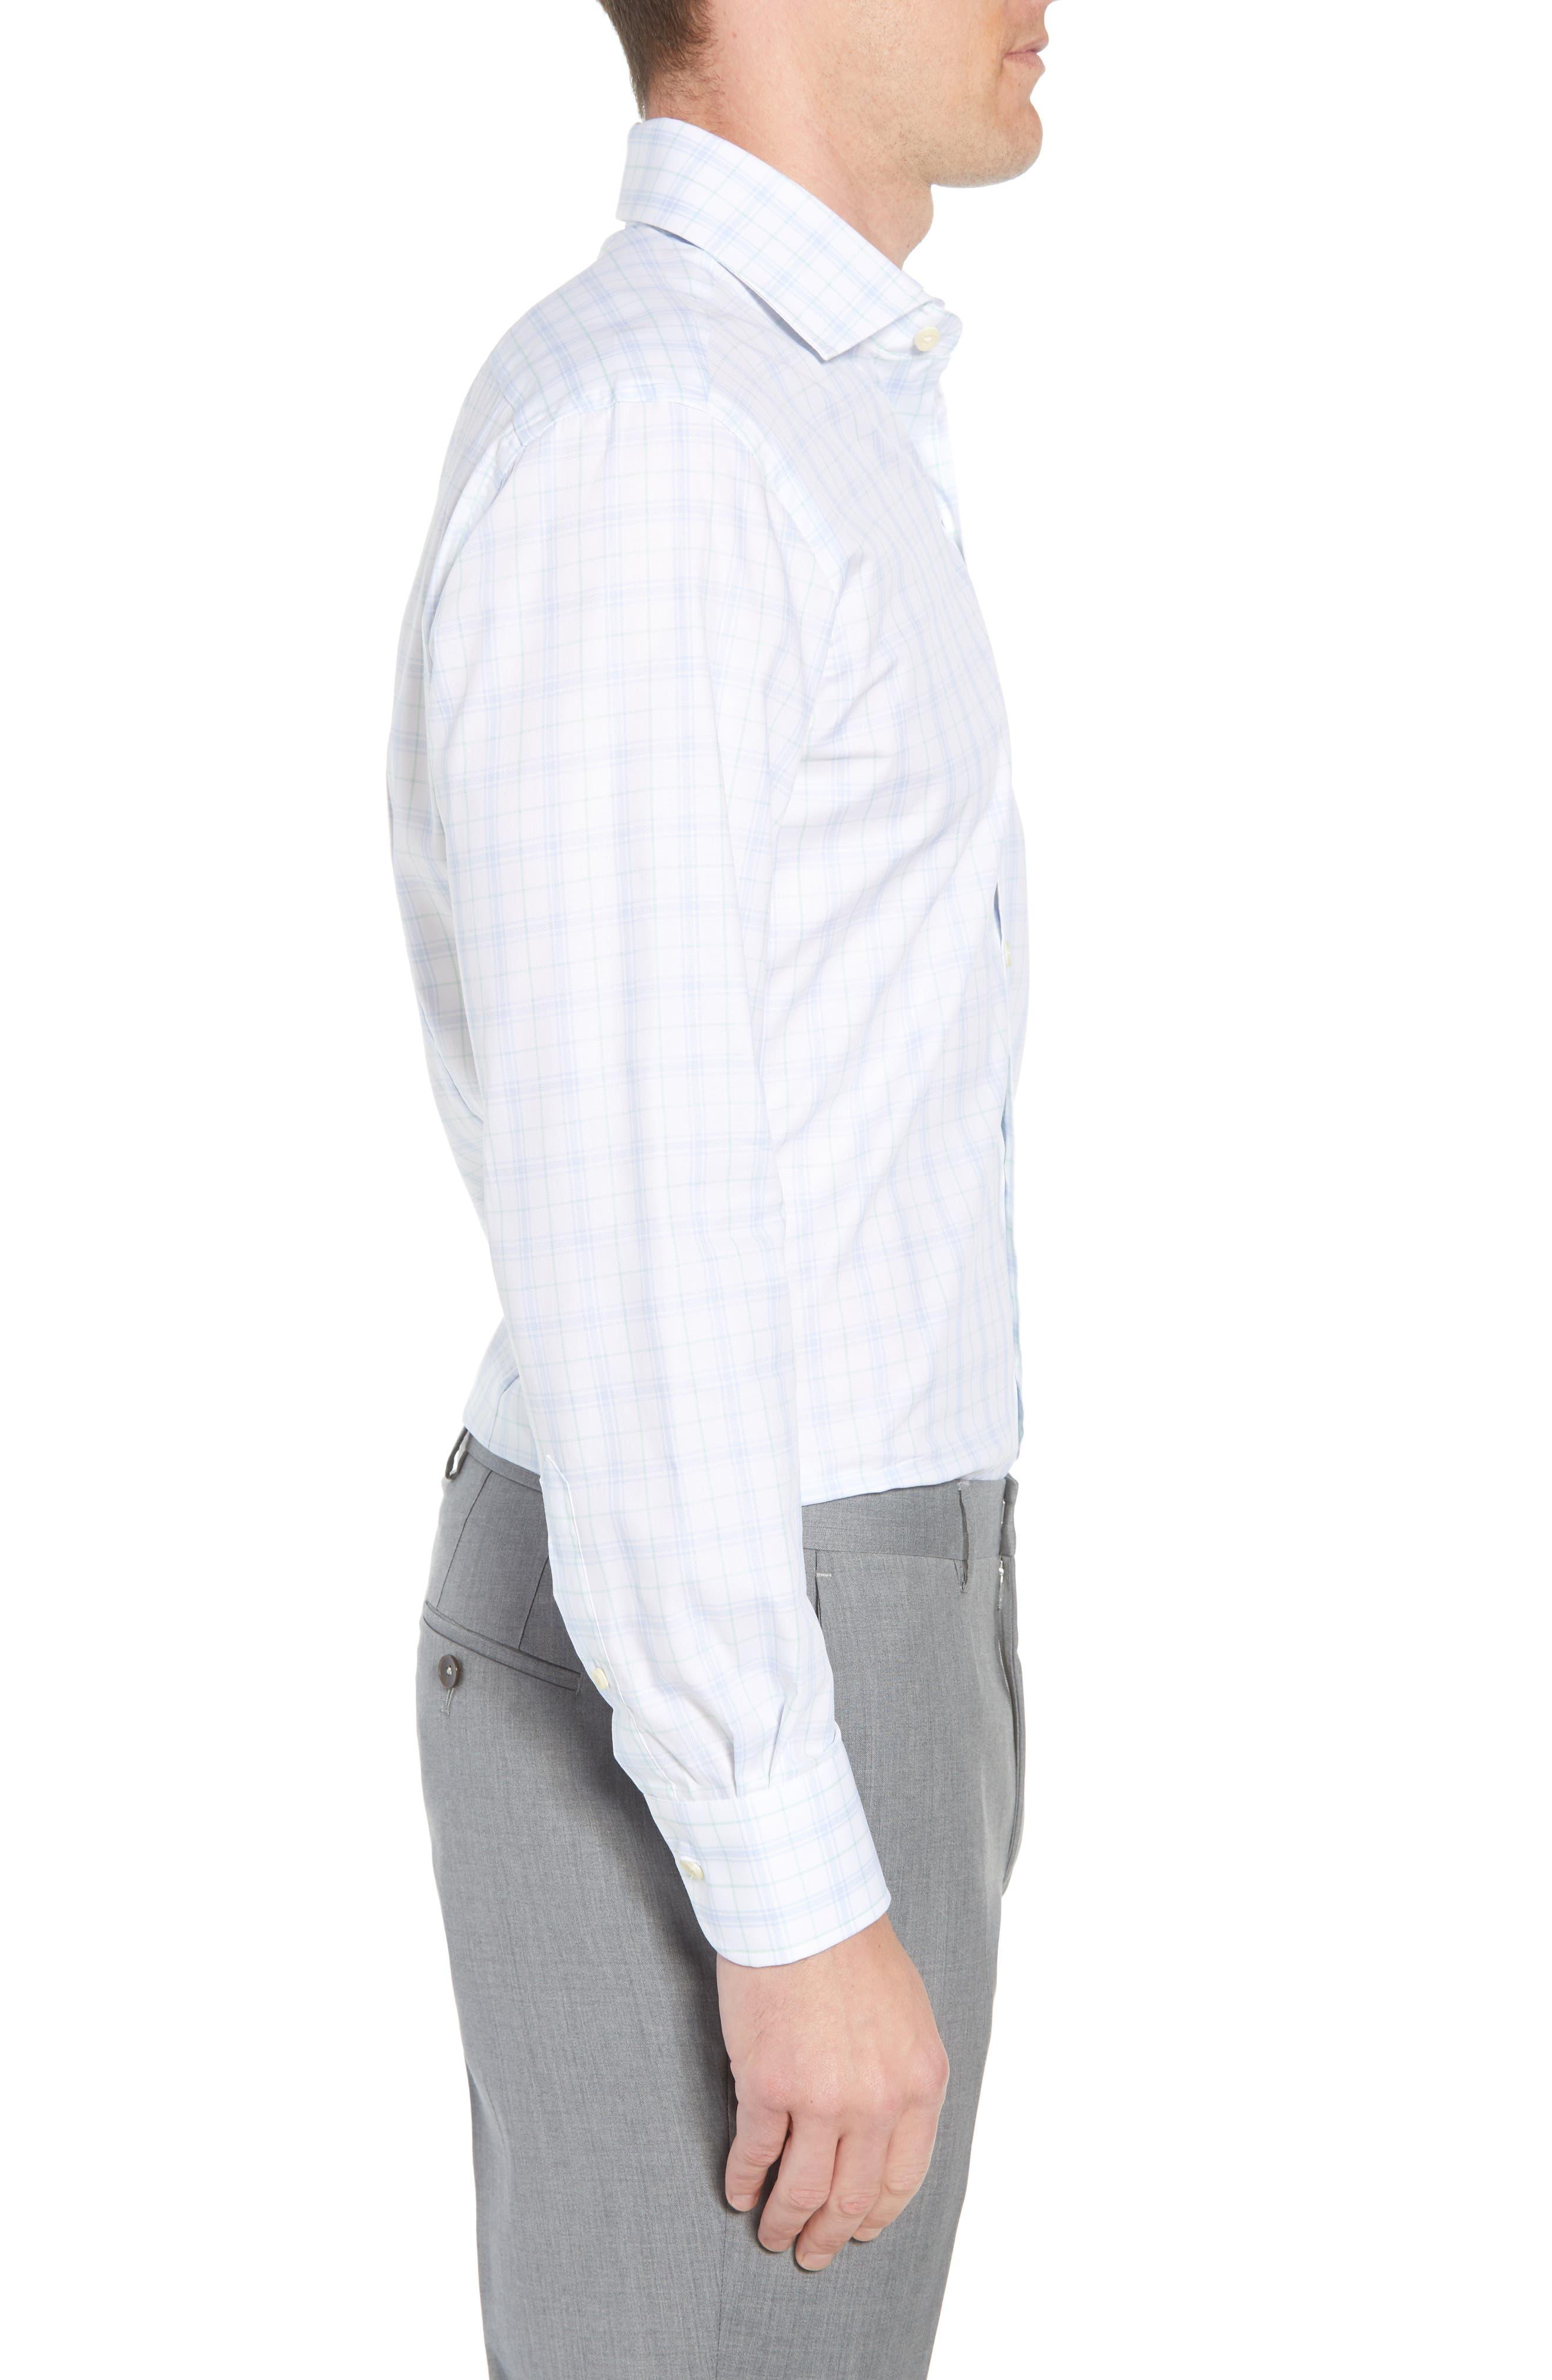 Lymann Trim Fit Plaid Dress Shirt,                             Alternate thumbnail 4, color,                             410